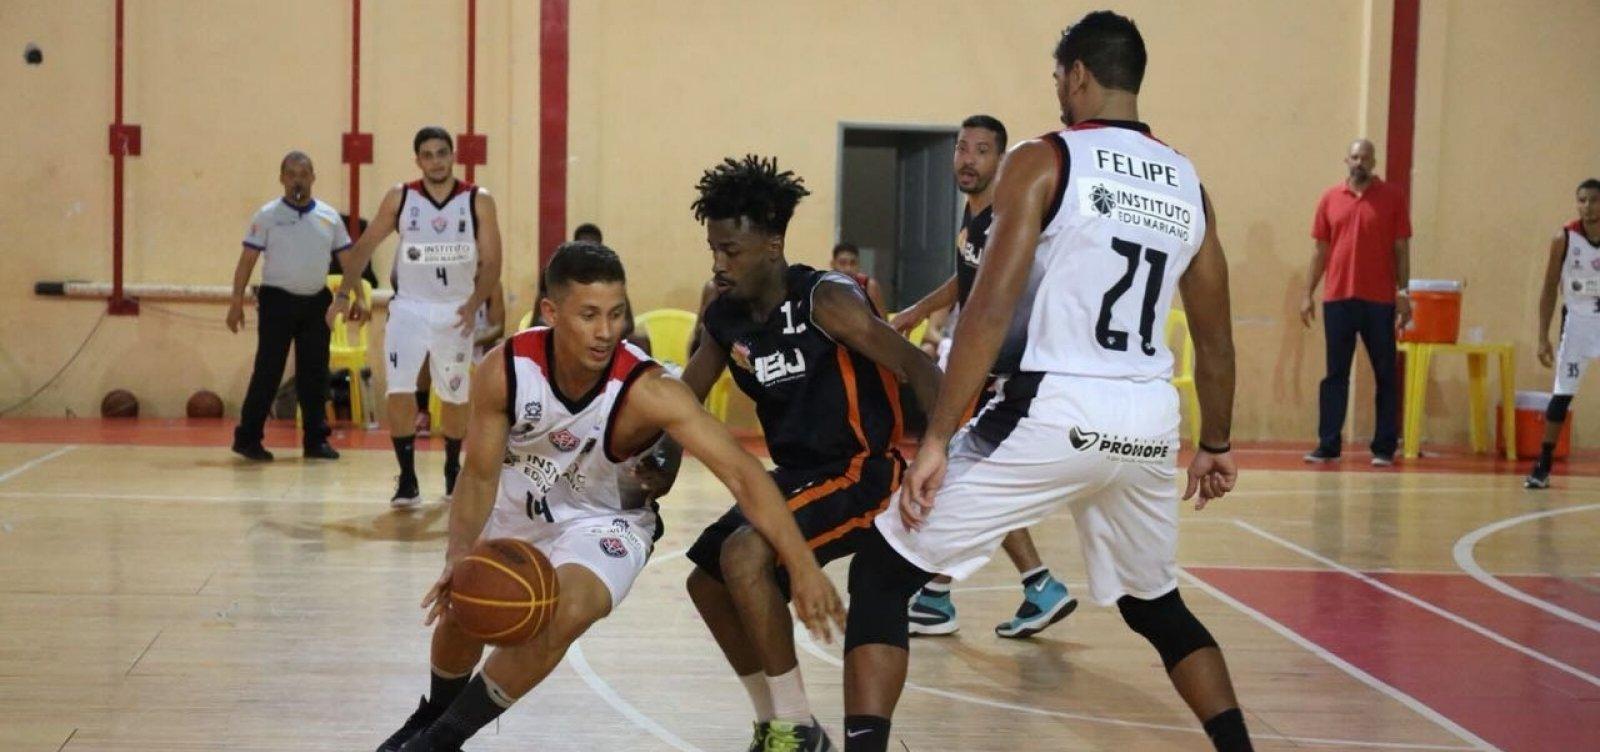 Vitória estreia novo time de basquete no Campeonato Baiano - Metro 1 b39e55c3eed07